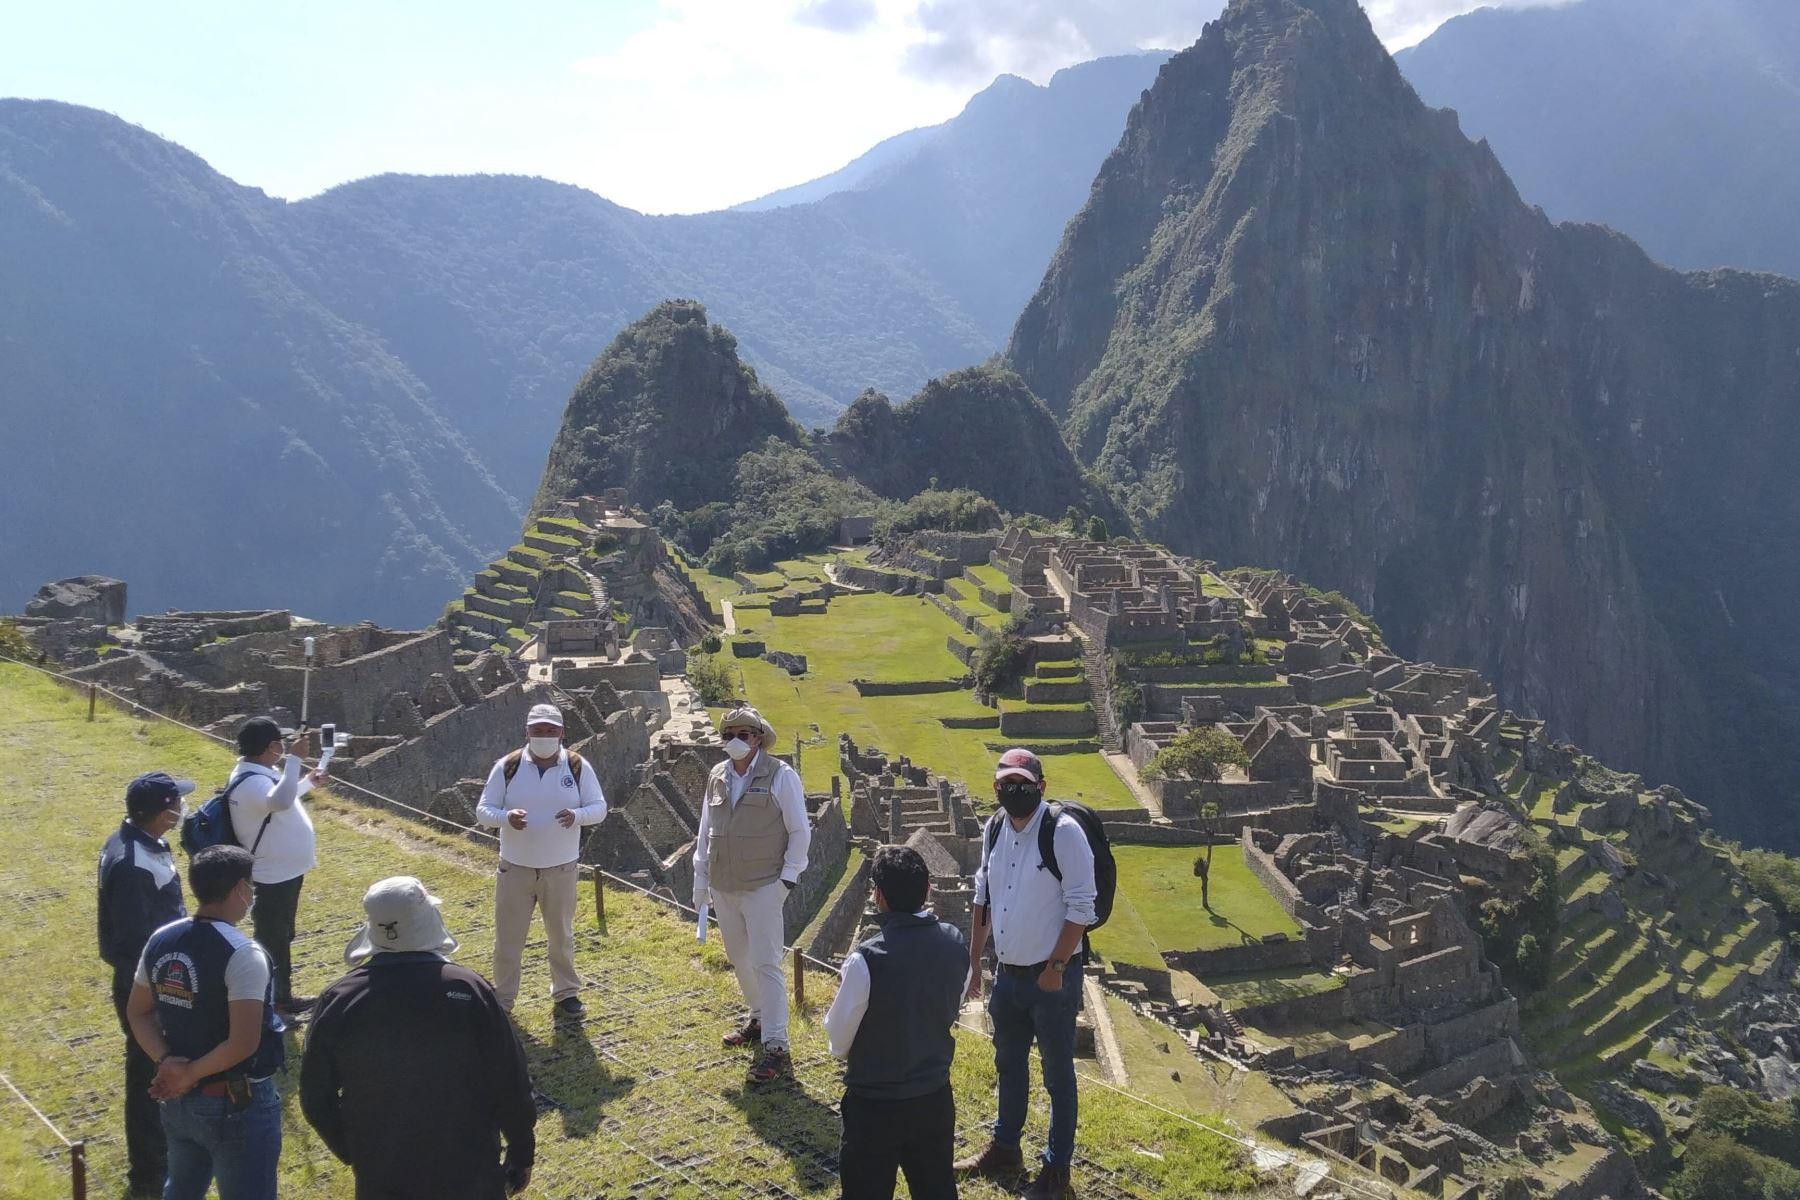 Comité técnico aprueba aumento de aforo en Machu Picchu hasta 3,494 turistas por día